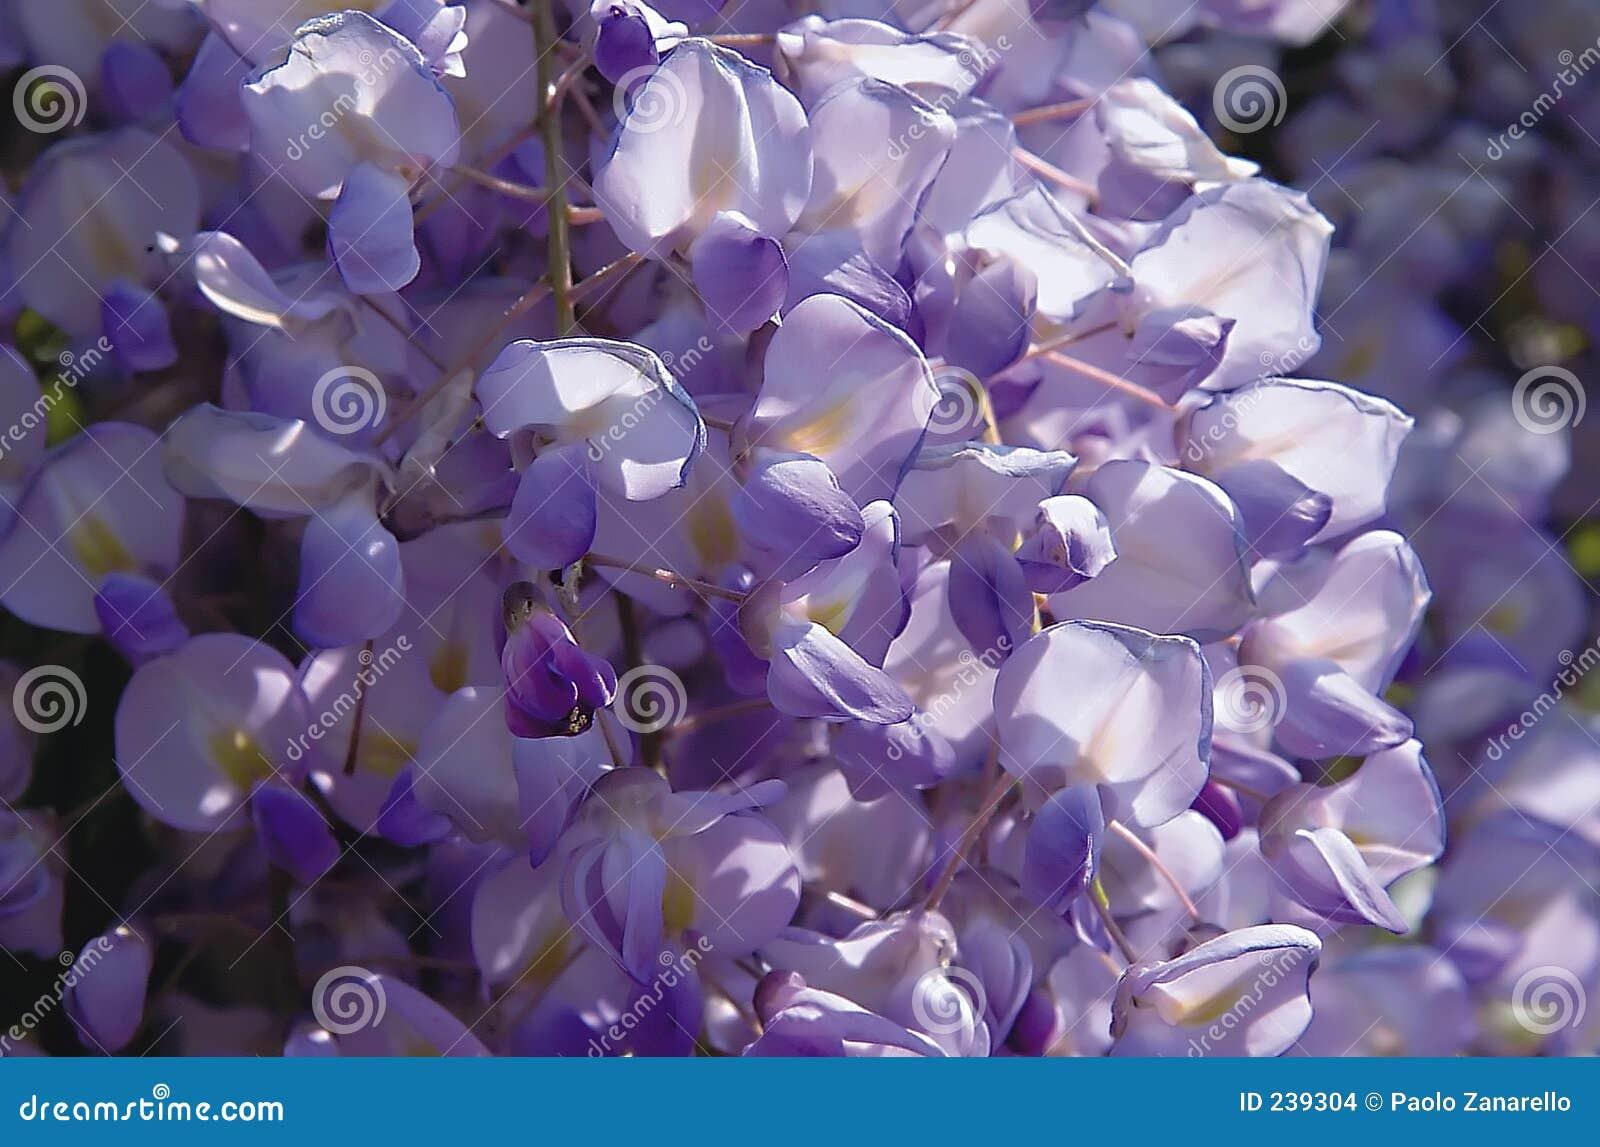 Viola di glicine immagini stock immagine 239304 for Glicine disegno